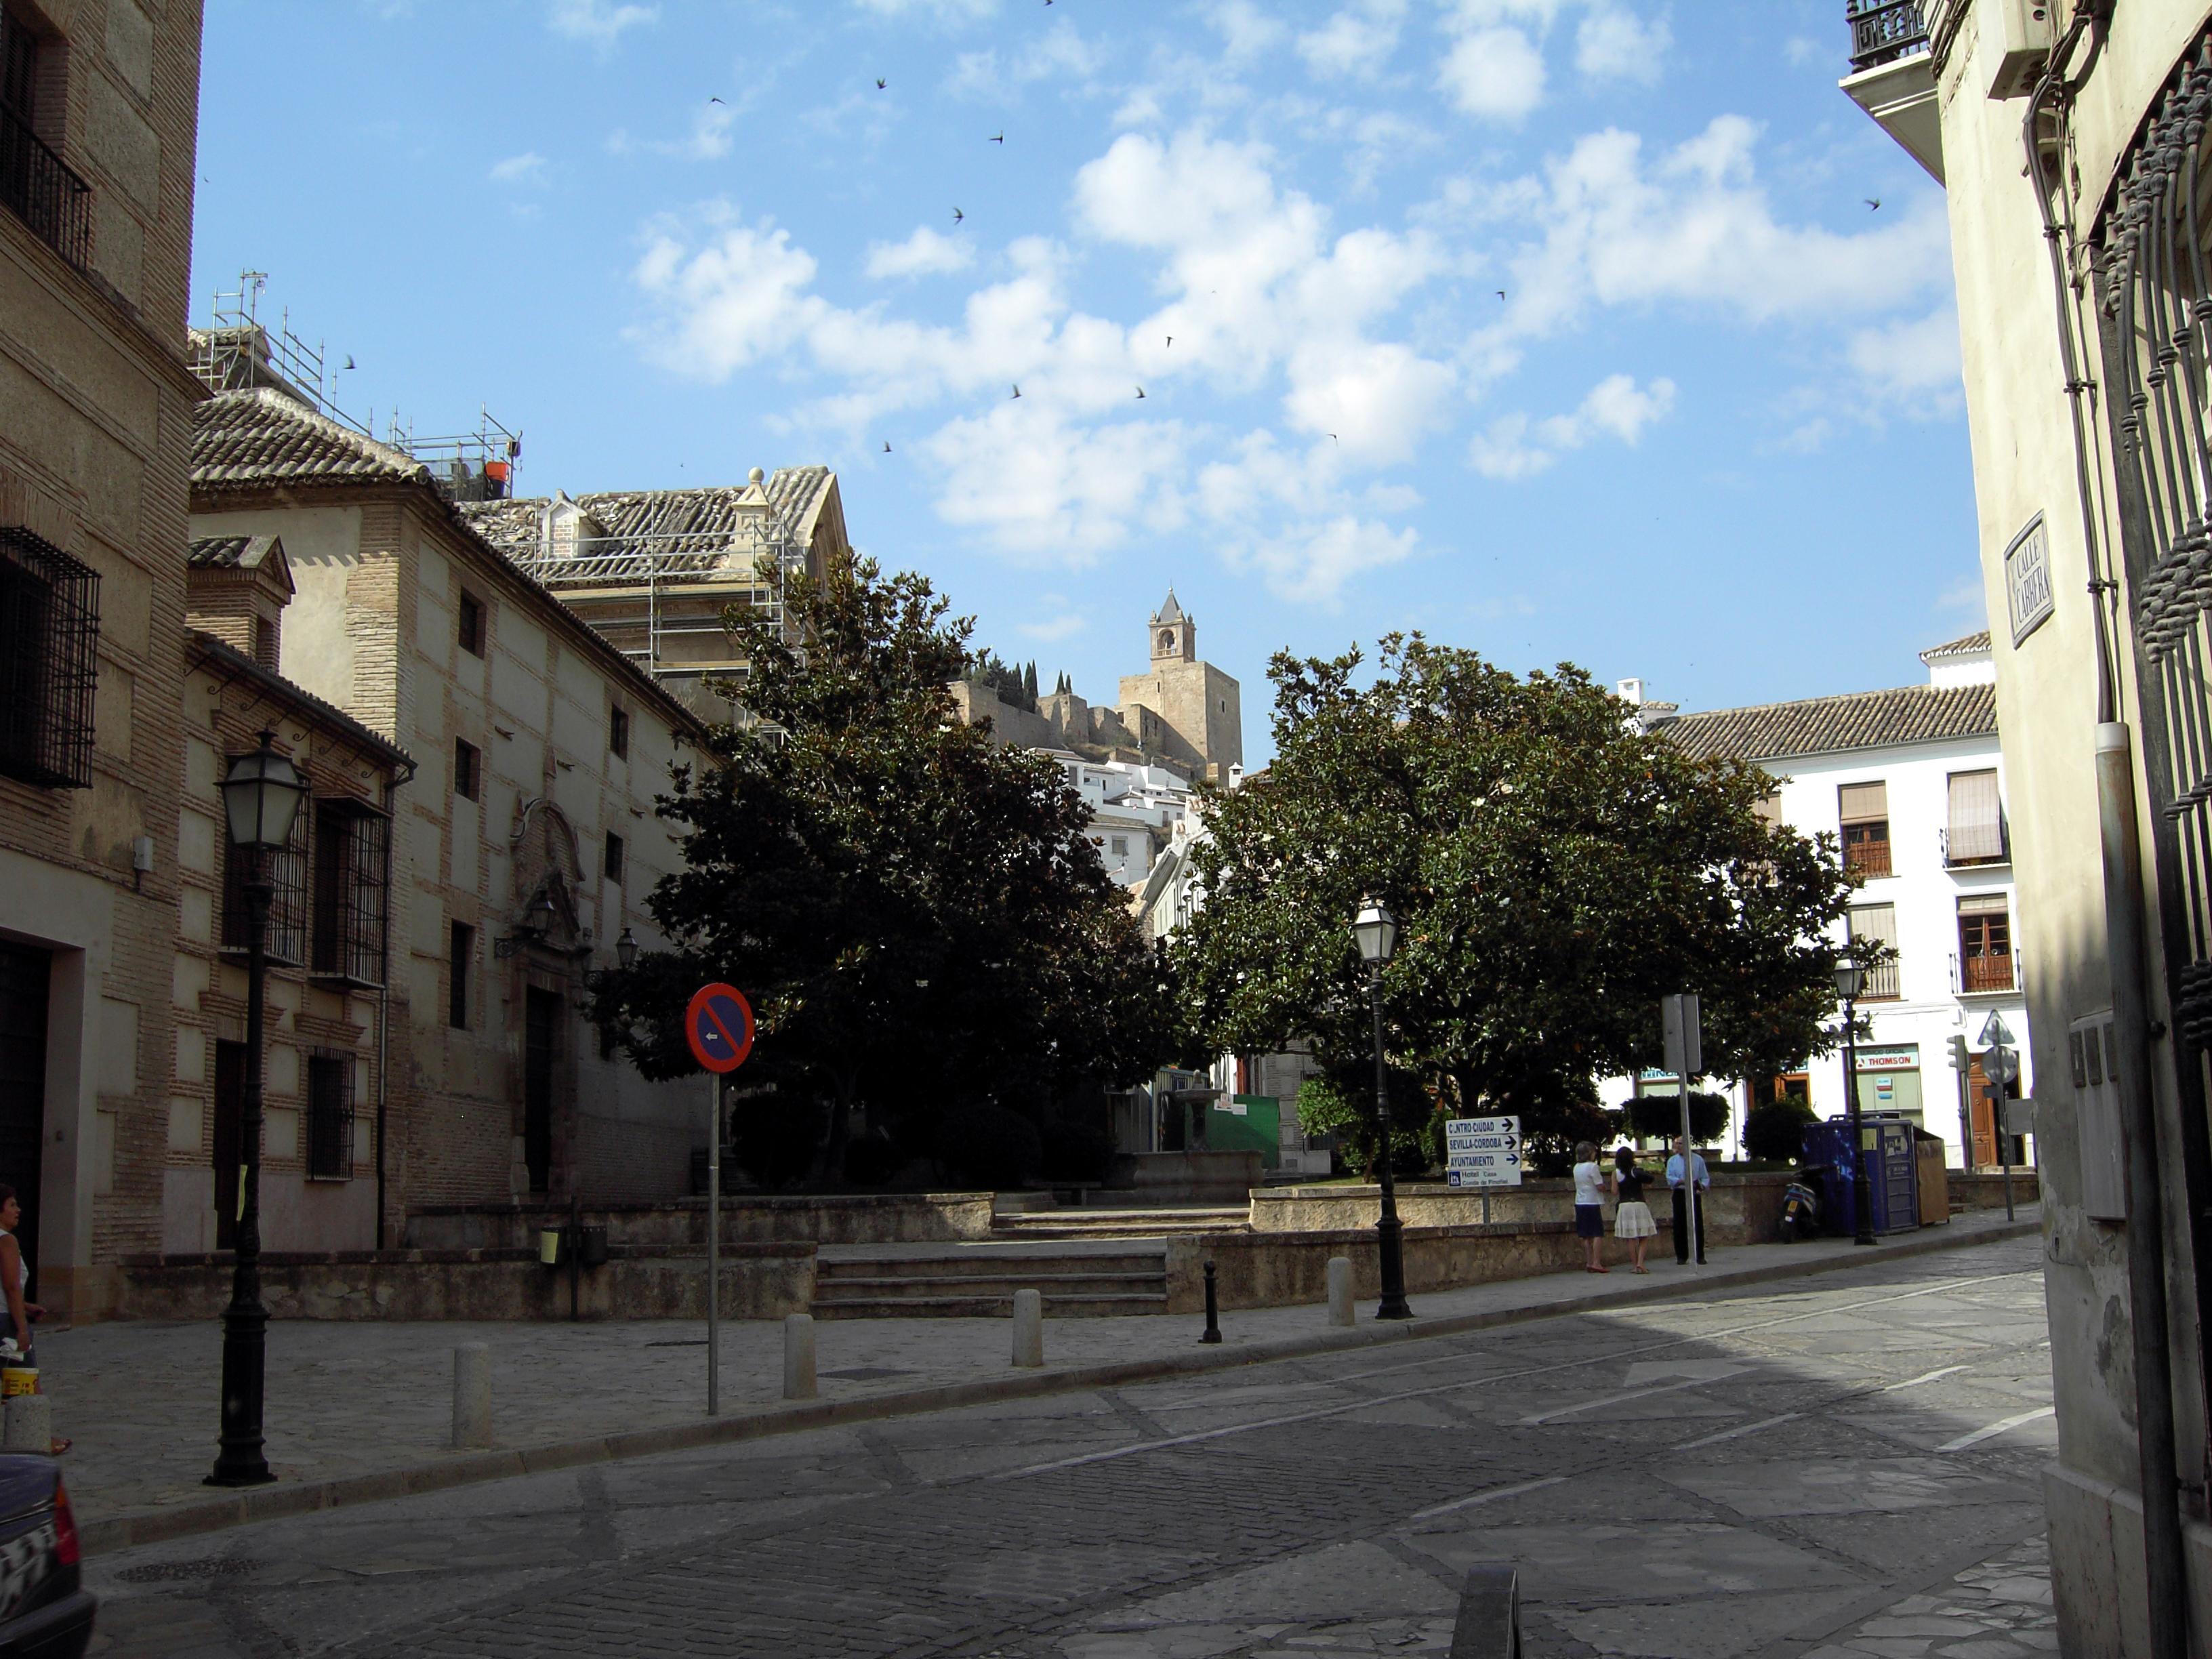 Plaza de las Descalzas